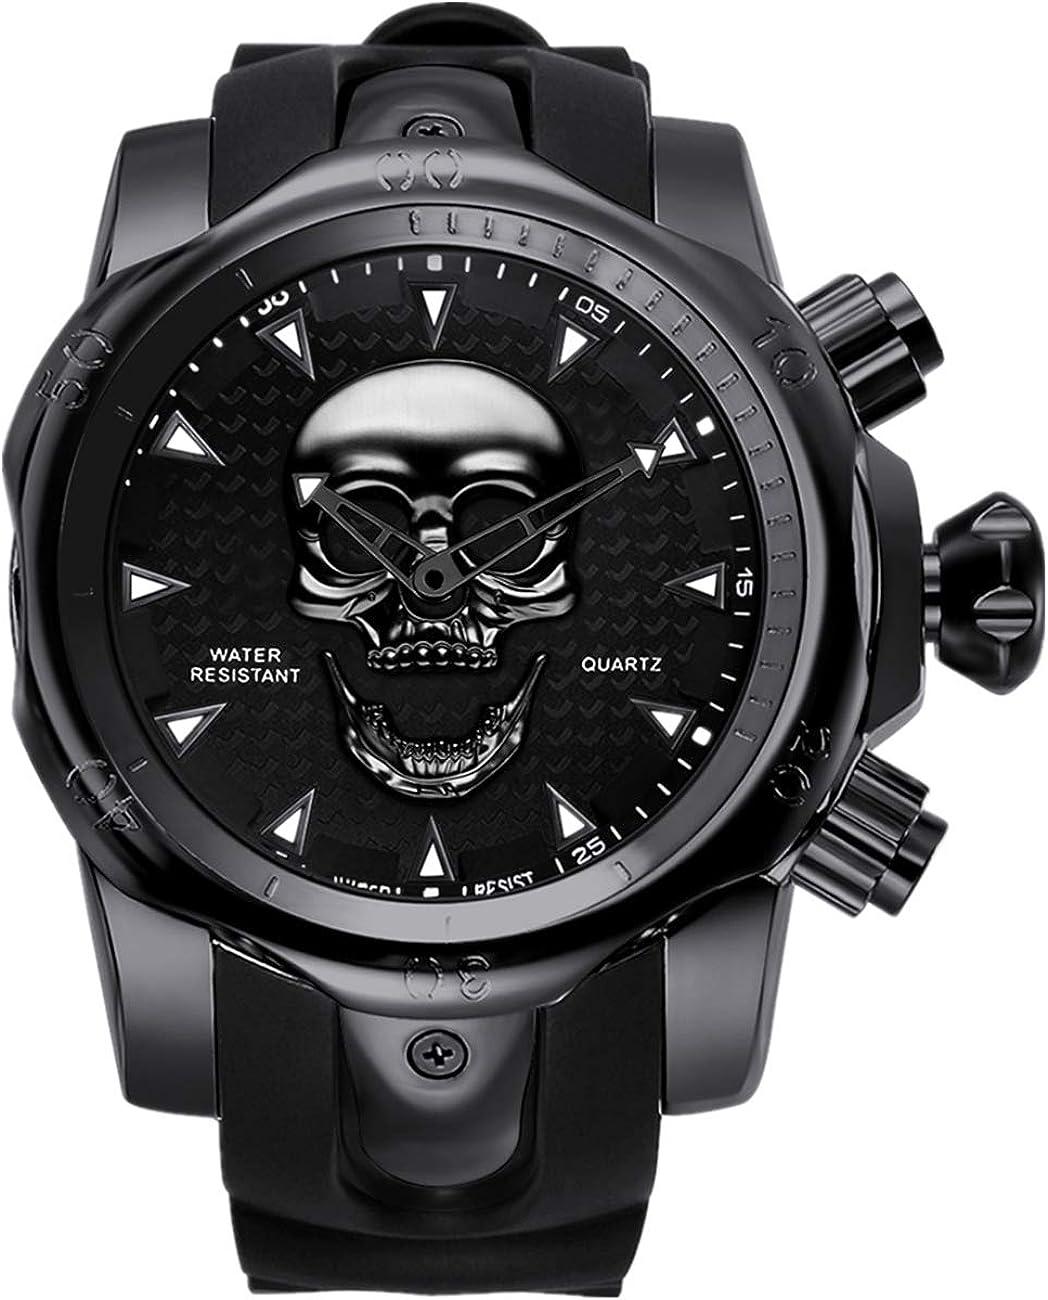 Reloj de pulsera para hombre con esfera de calavera en 3D, color negro, con correa de silicona